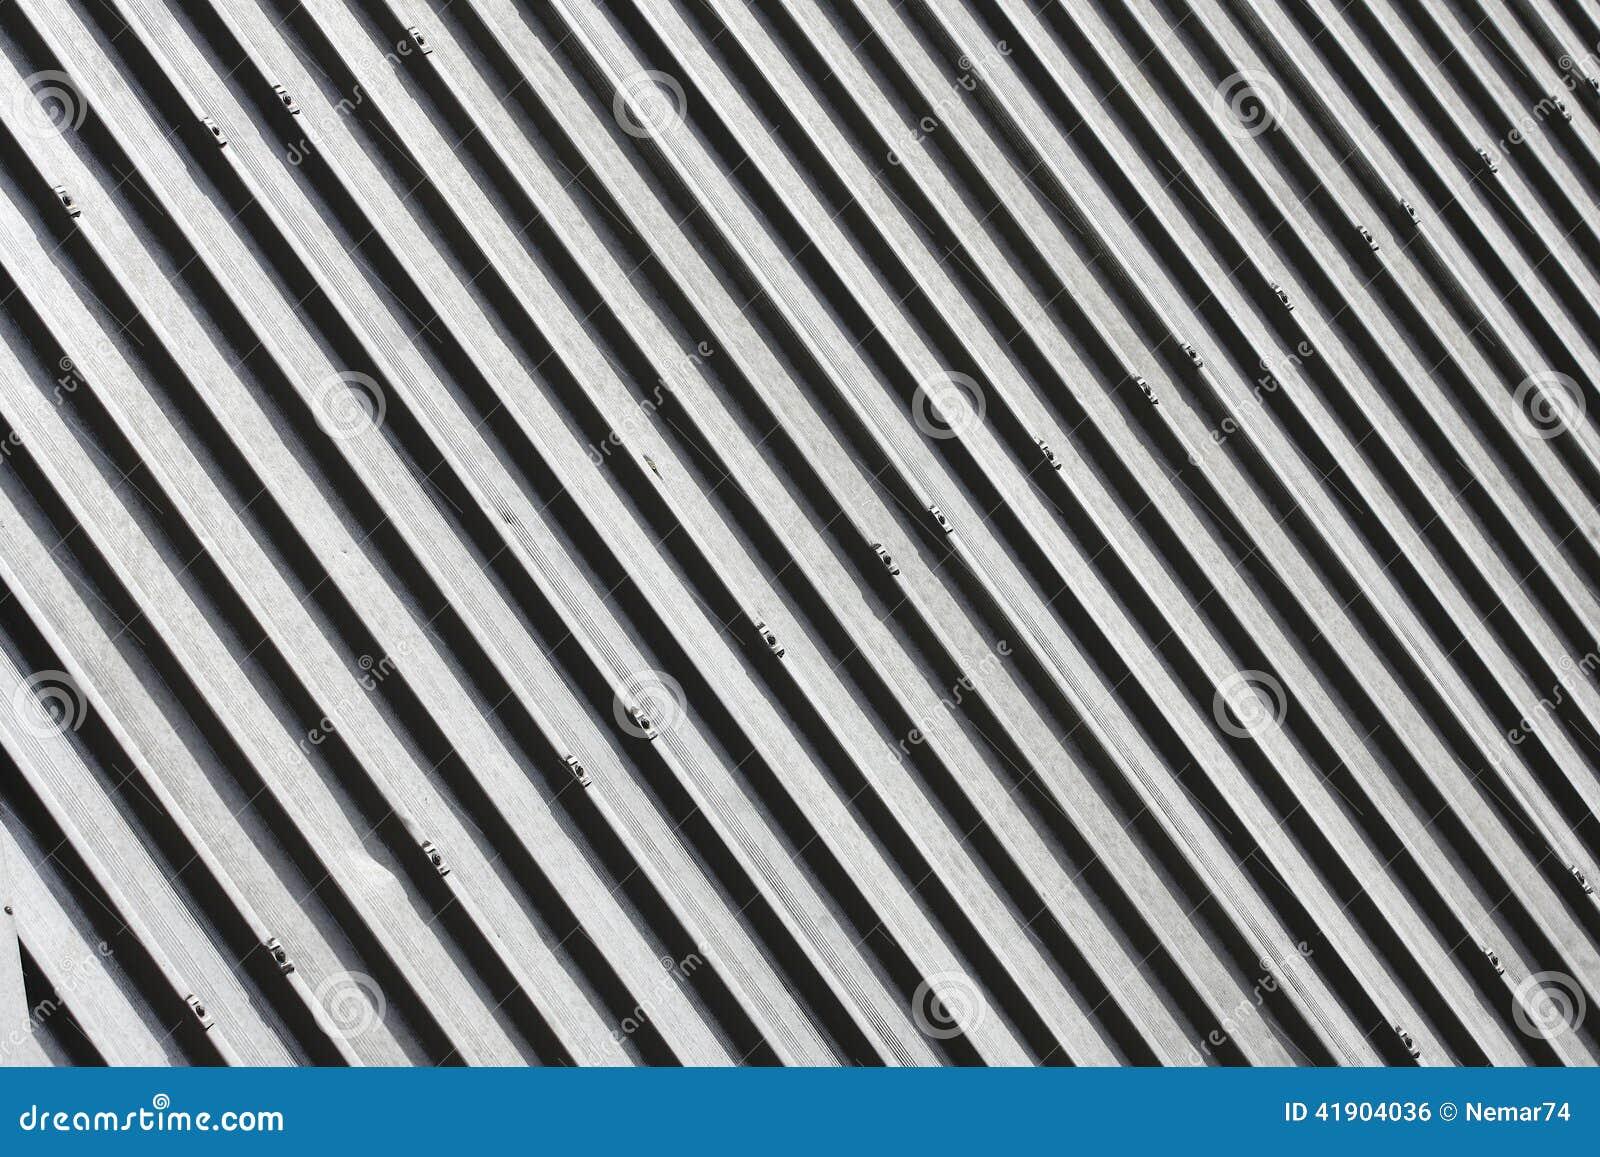 Detalle y fondo de la textura del metal